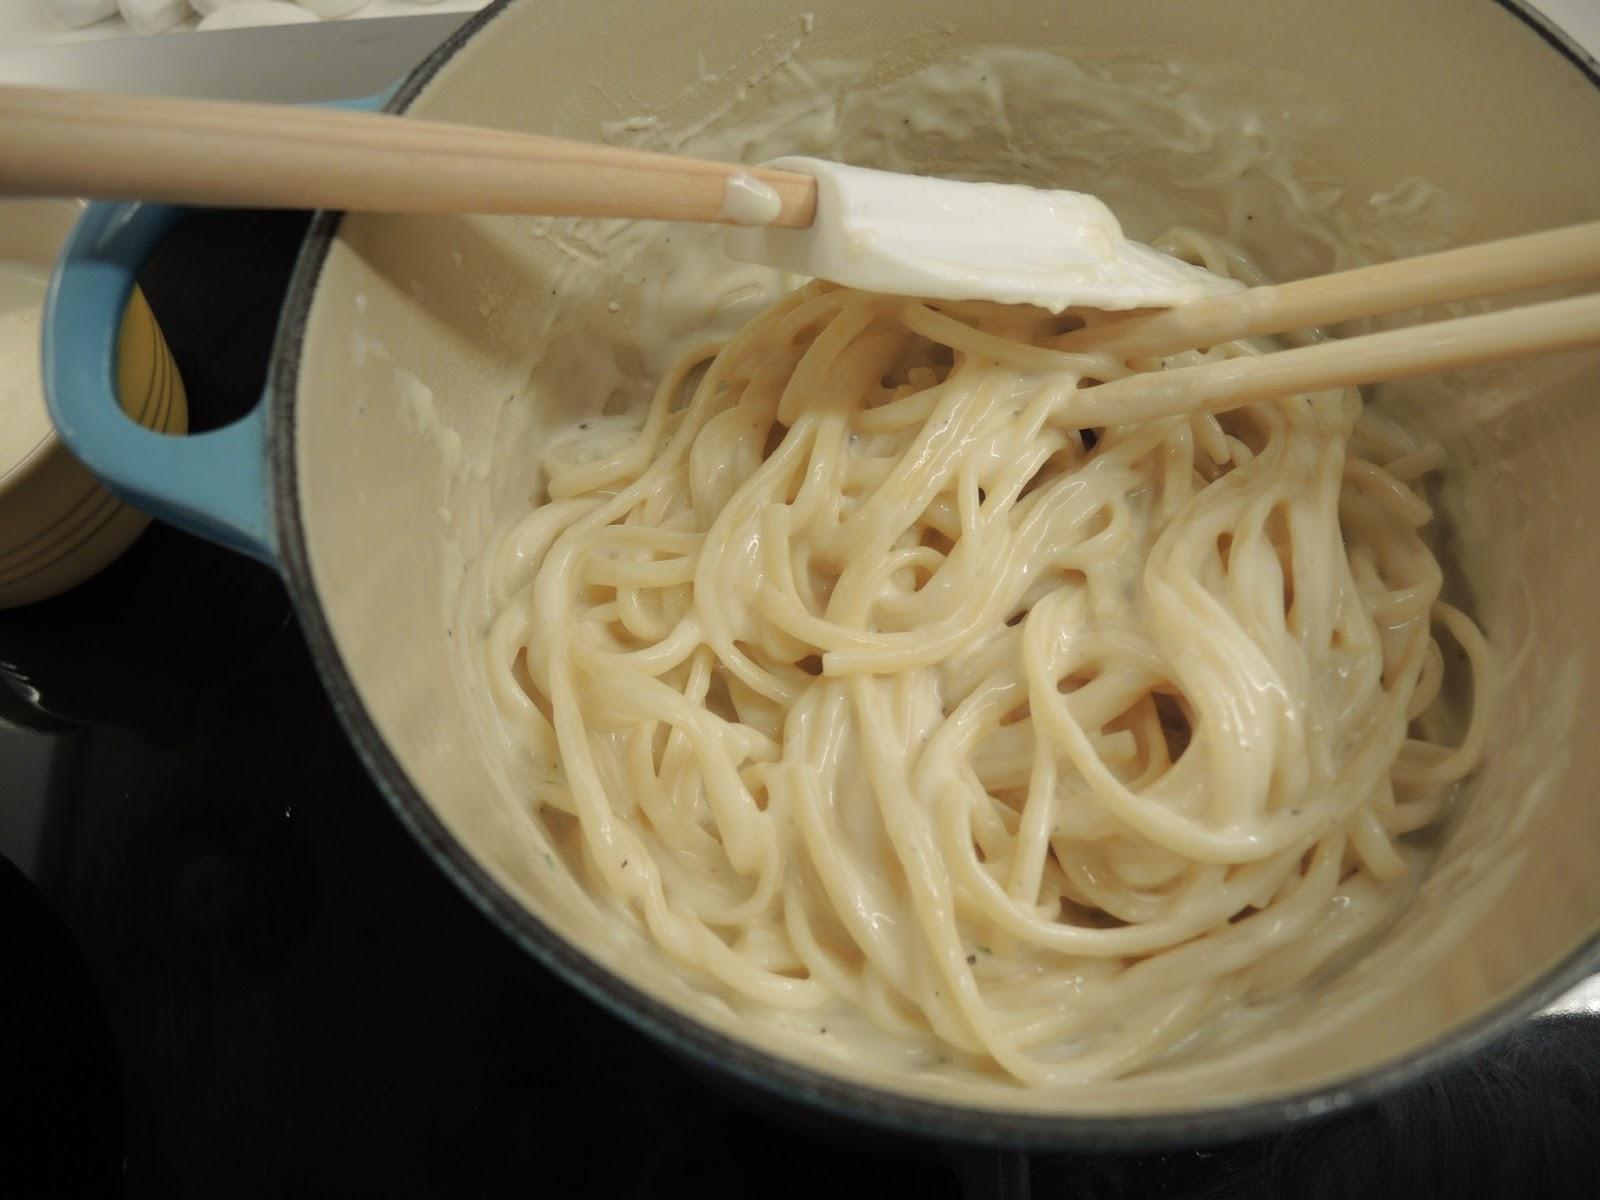 好心情廚房: 白汁煙三文魚扁意粉 Linguine with Smoke Salmon and Cream Sauce